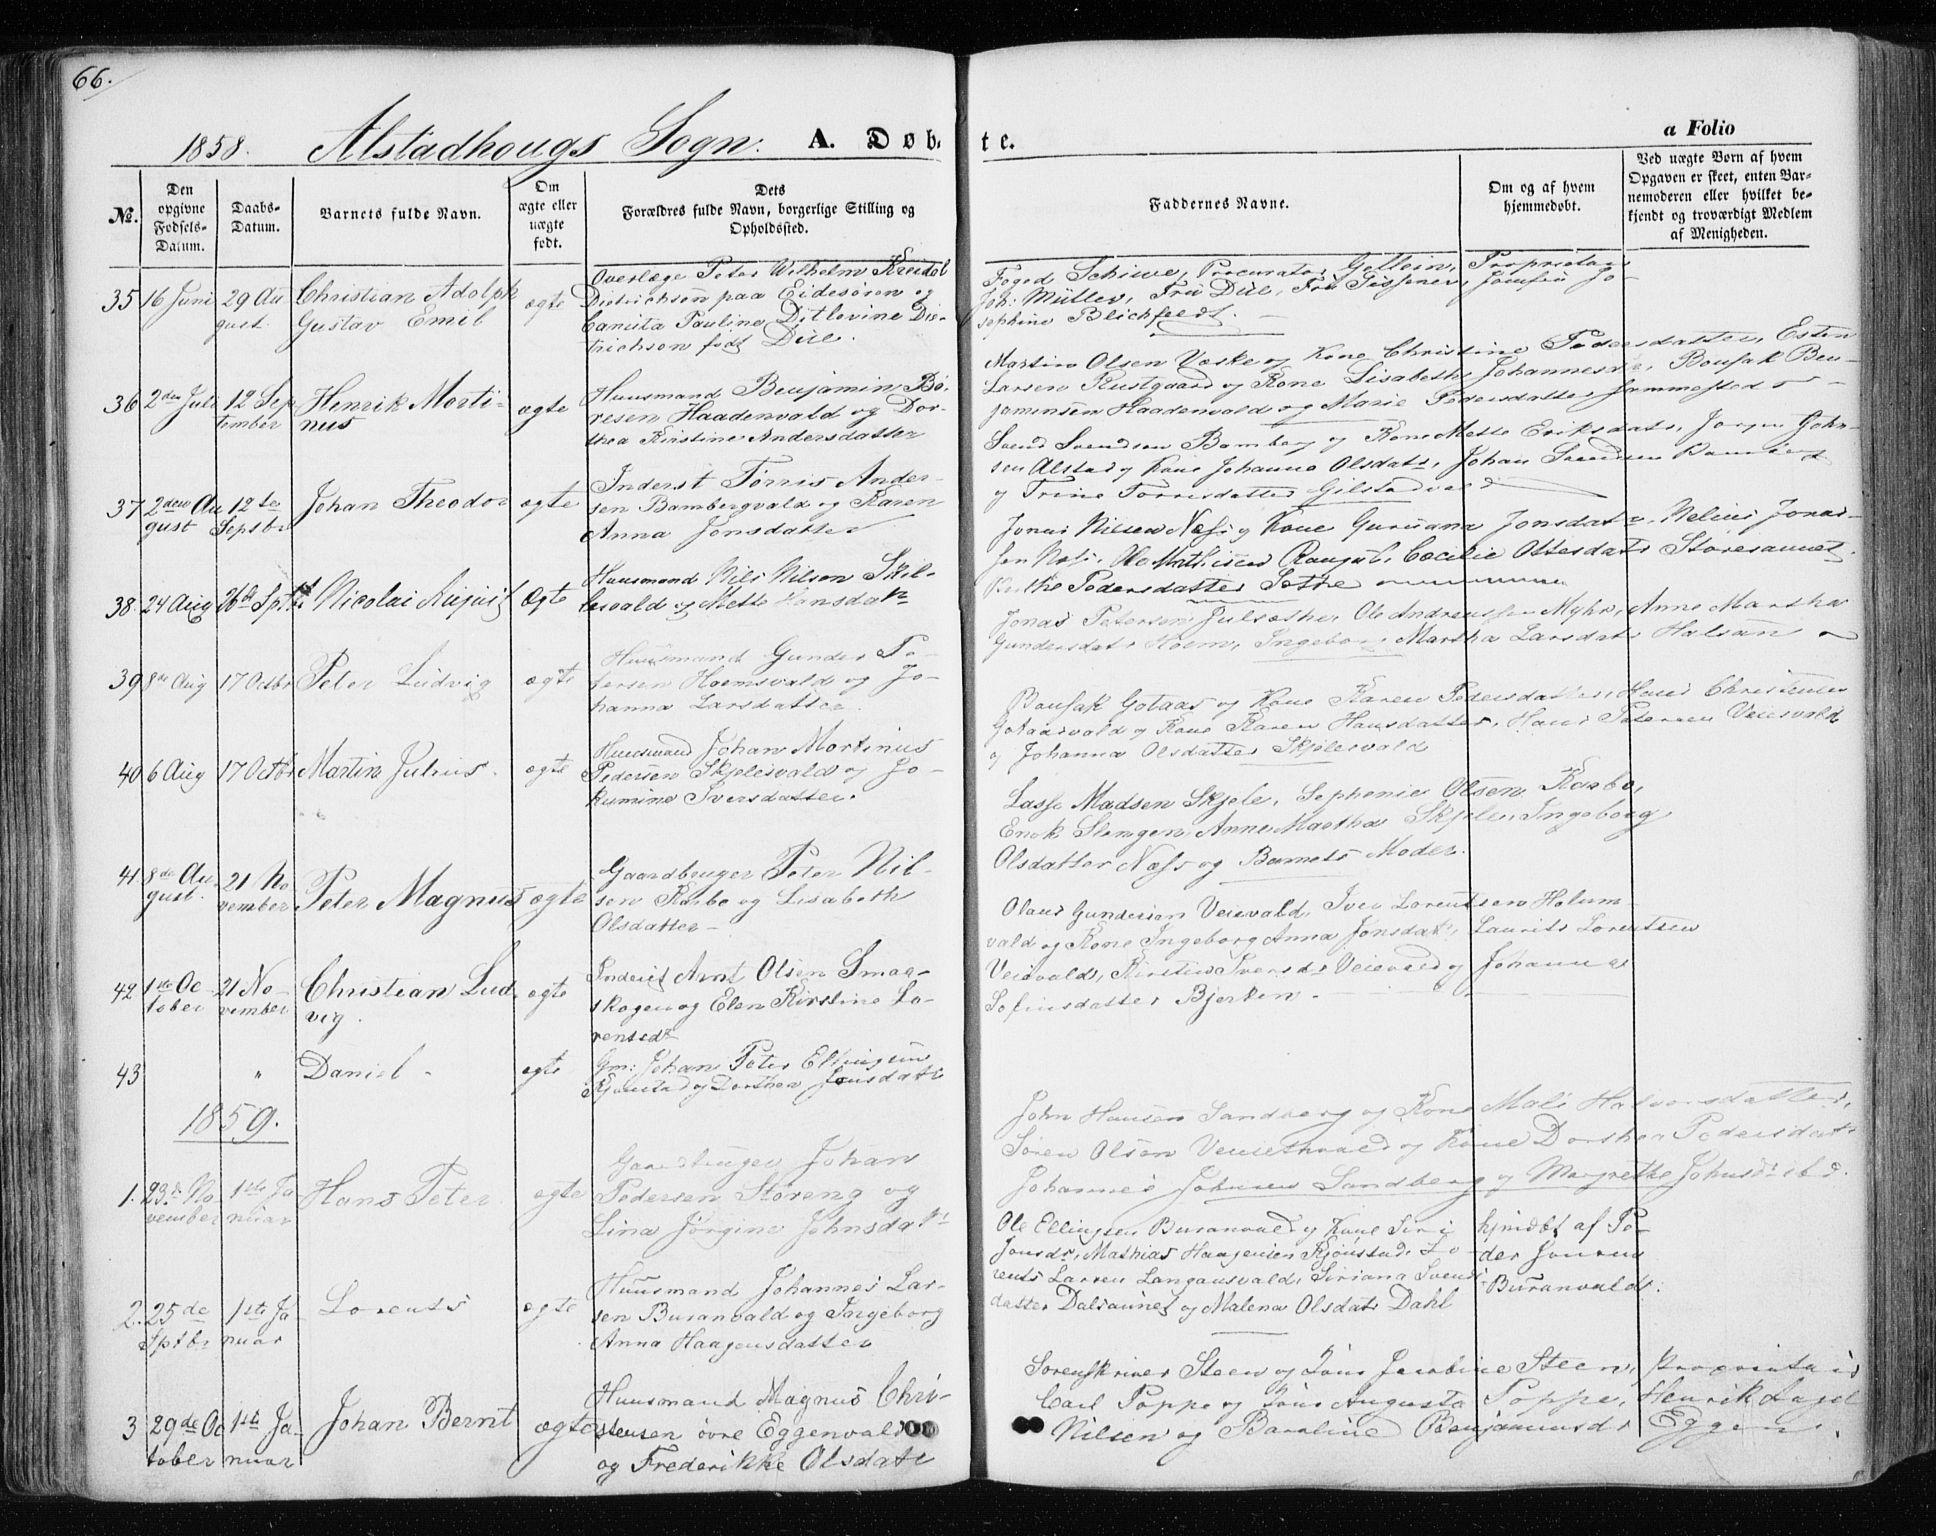 SAT, Ministerialprotokoller, klokkerbøker og fødselsregistre - Nord-Trøndelag, 717/L0154: Ministerialbok nr. 717A07 /1, 1850-1862, s. 66